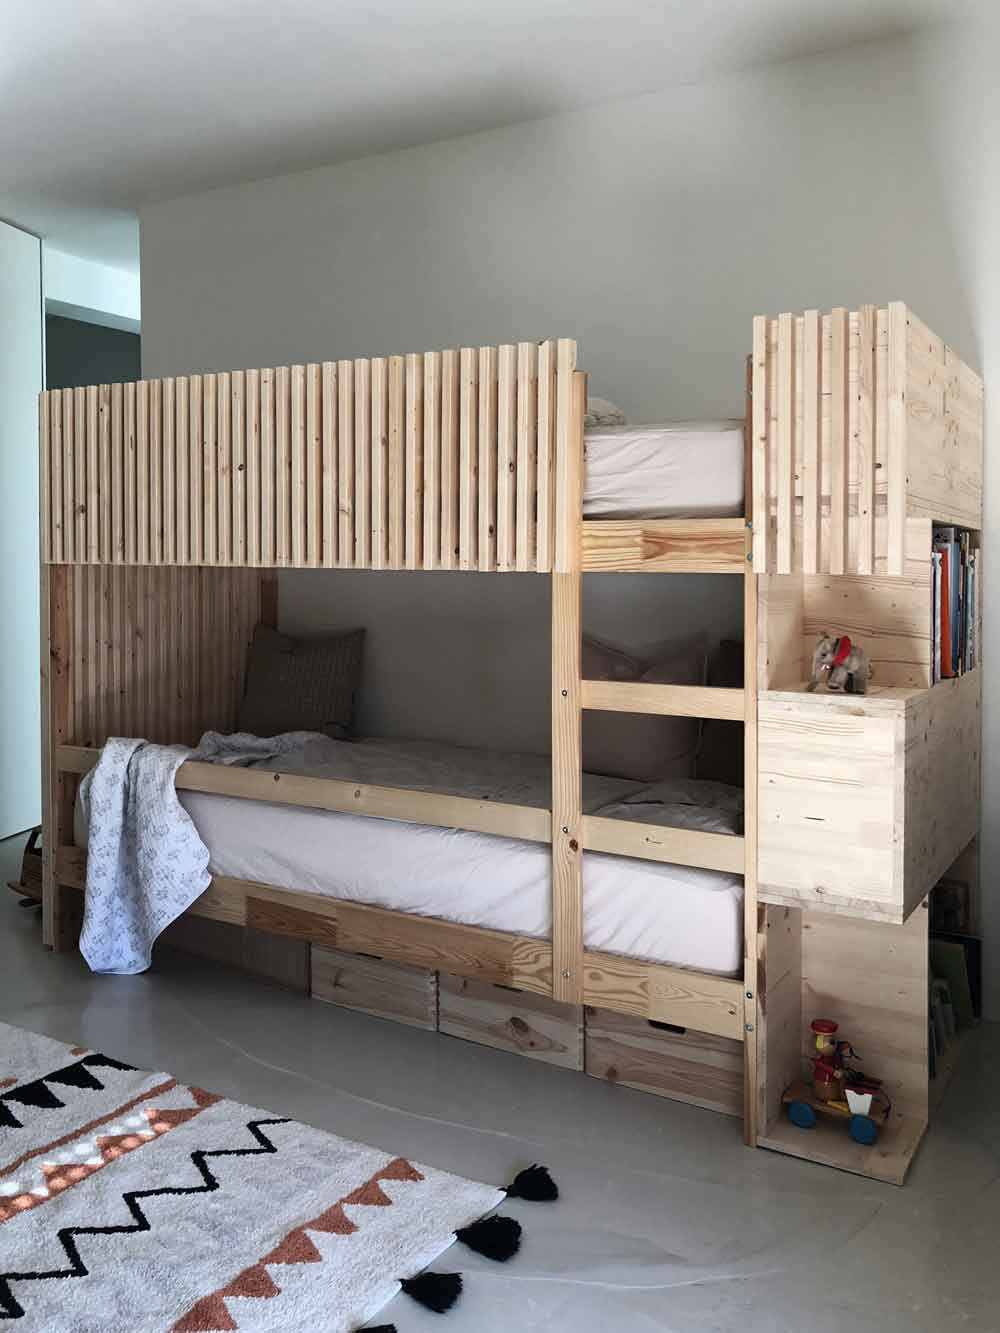 Stockbett Kinderzimmer vintage individuell Holz - DIY | ein Stockbett aus Holz einfach selber machen